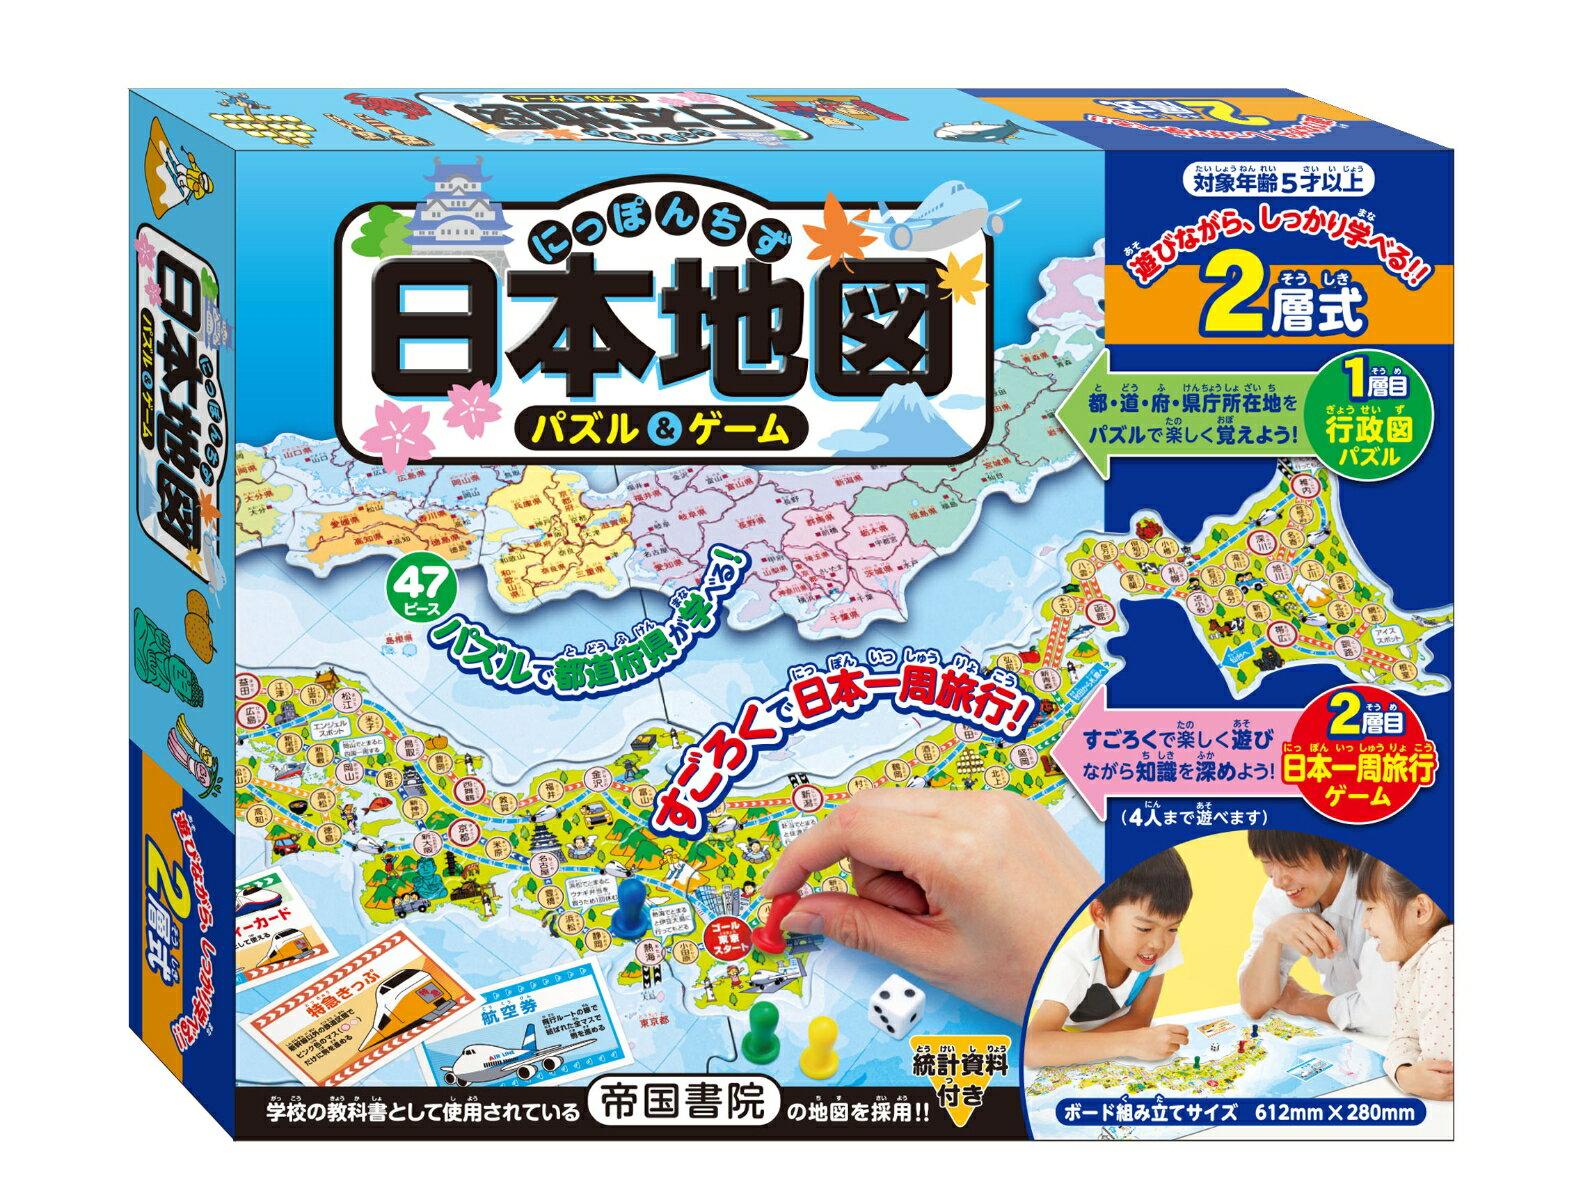 パズル&ゲーム日本地図 2層式